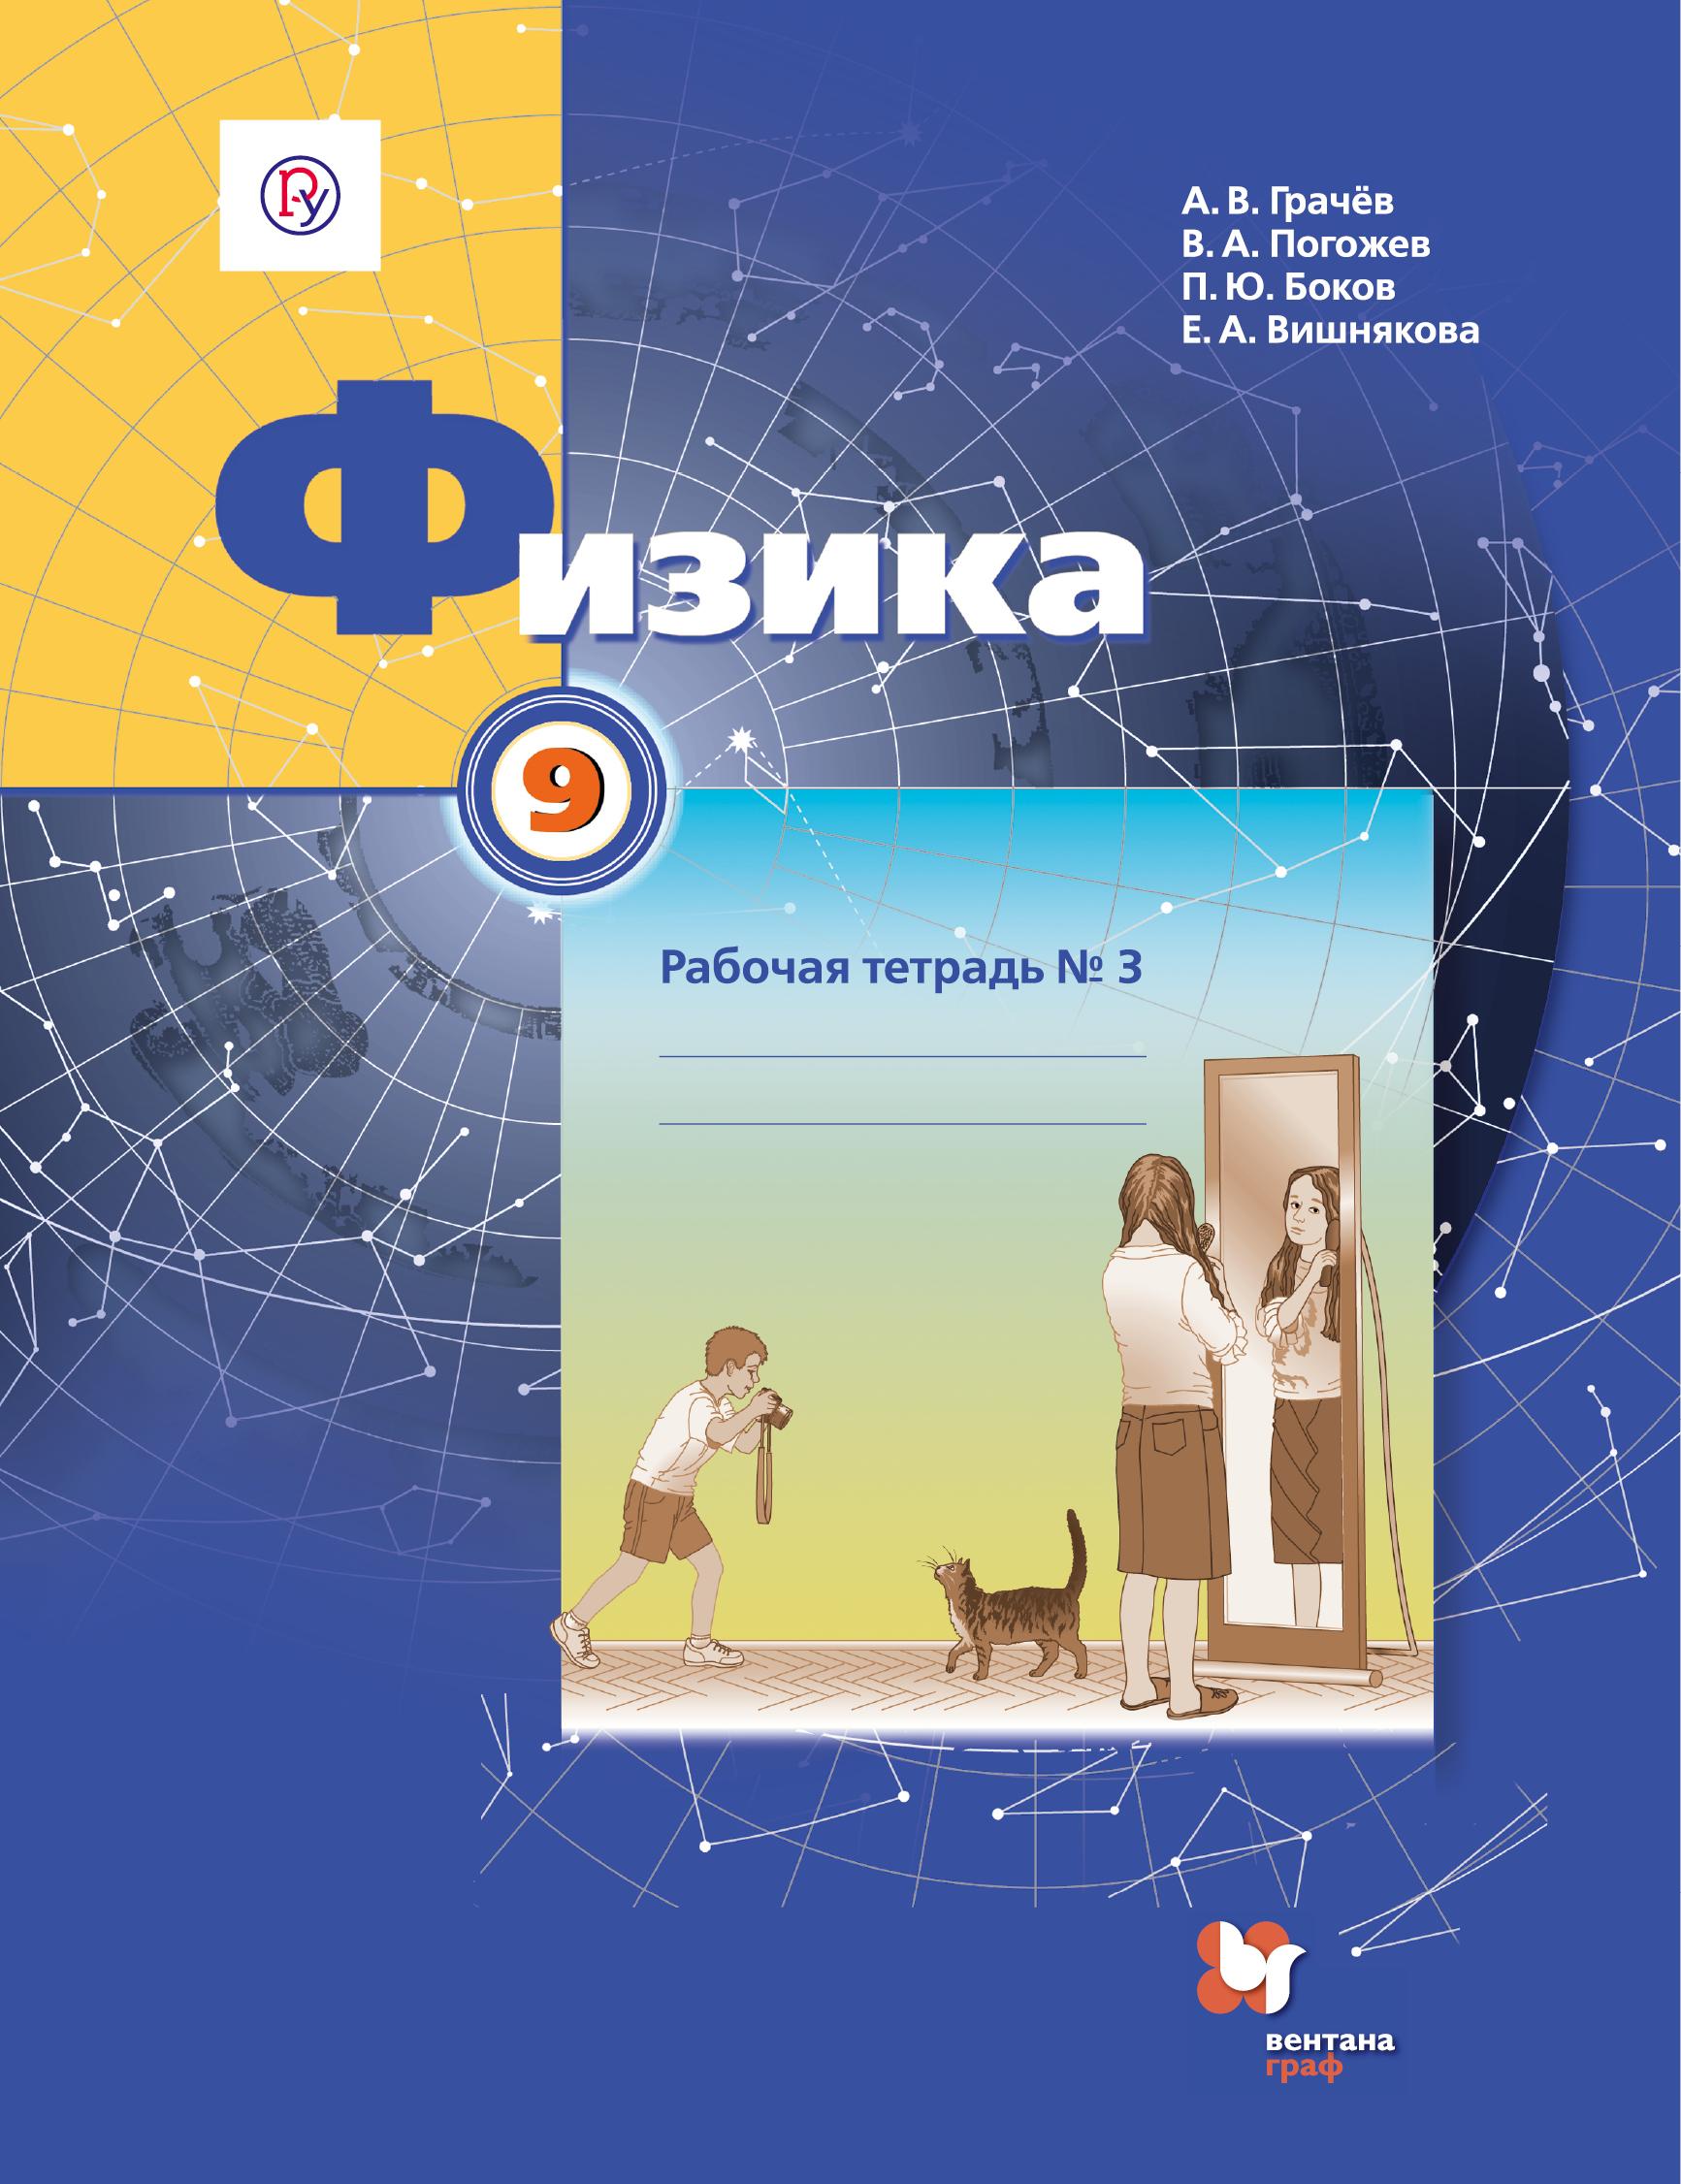 ГрачевА.В., ПогожевВ.А., БоковП.Ю., ВишняковаЕ.А. Физика. 9класс. Рабочая тетрадь №3.